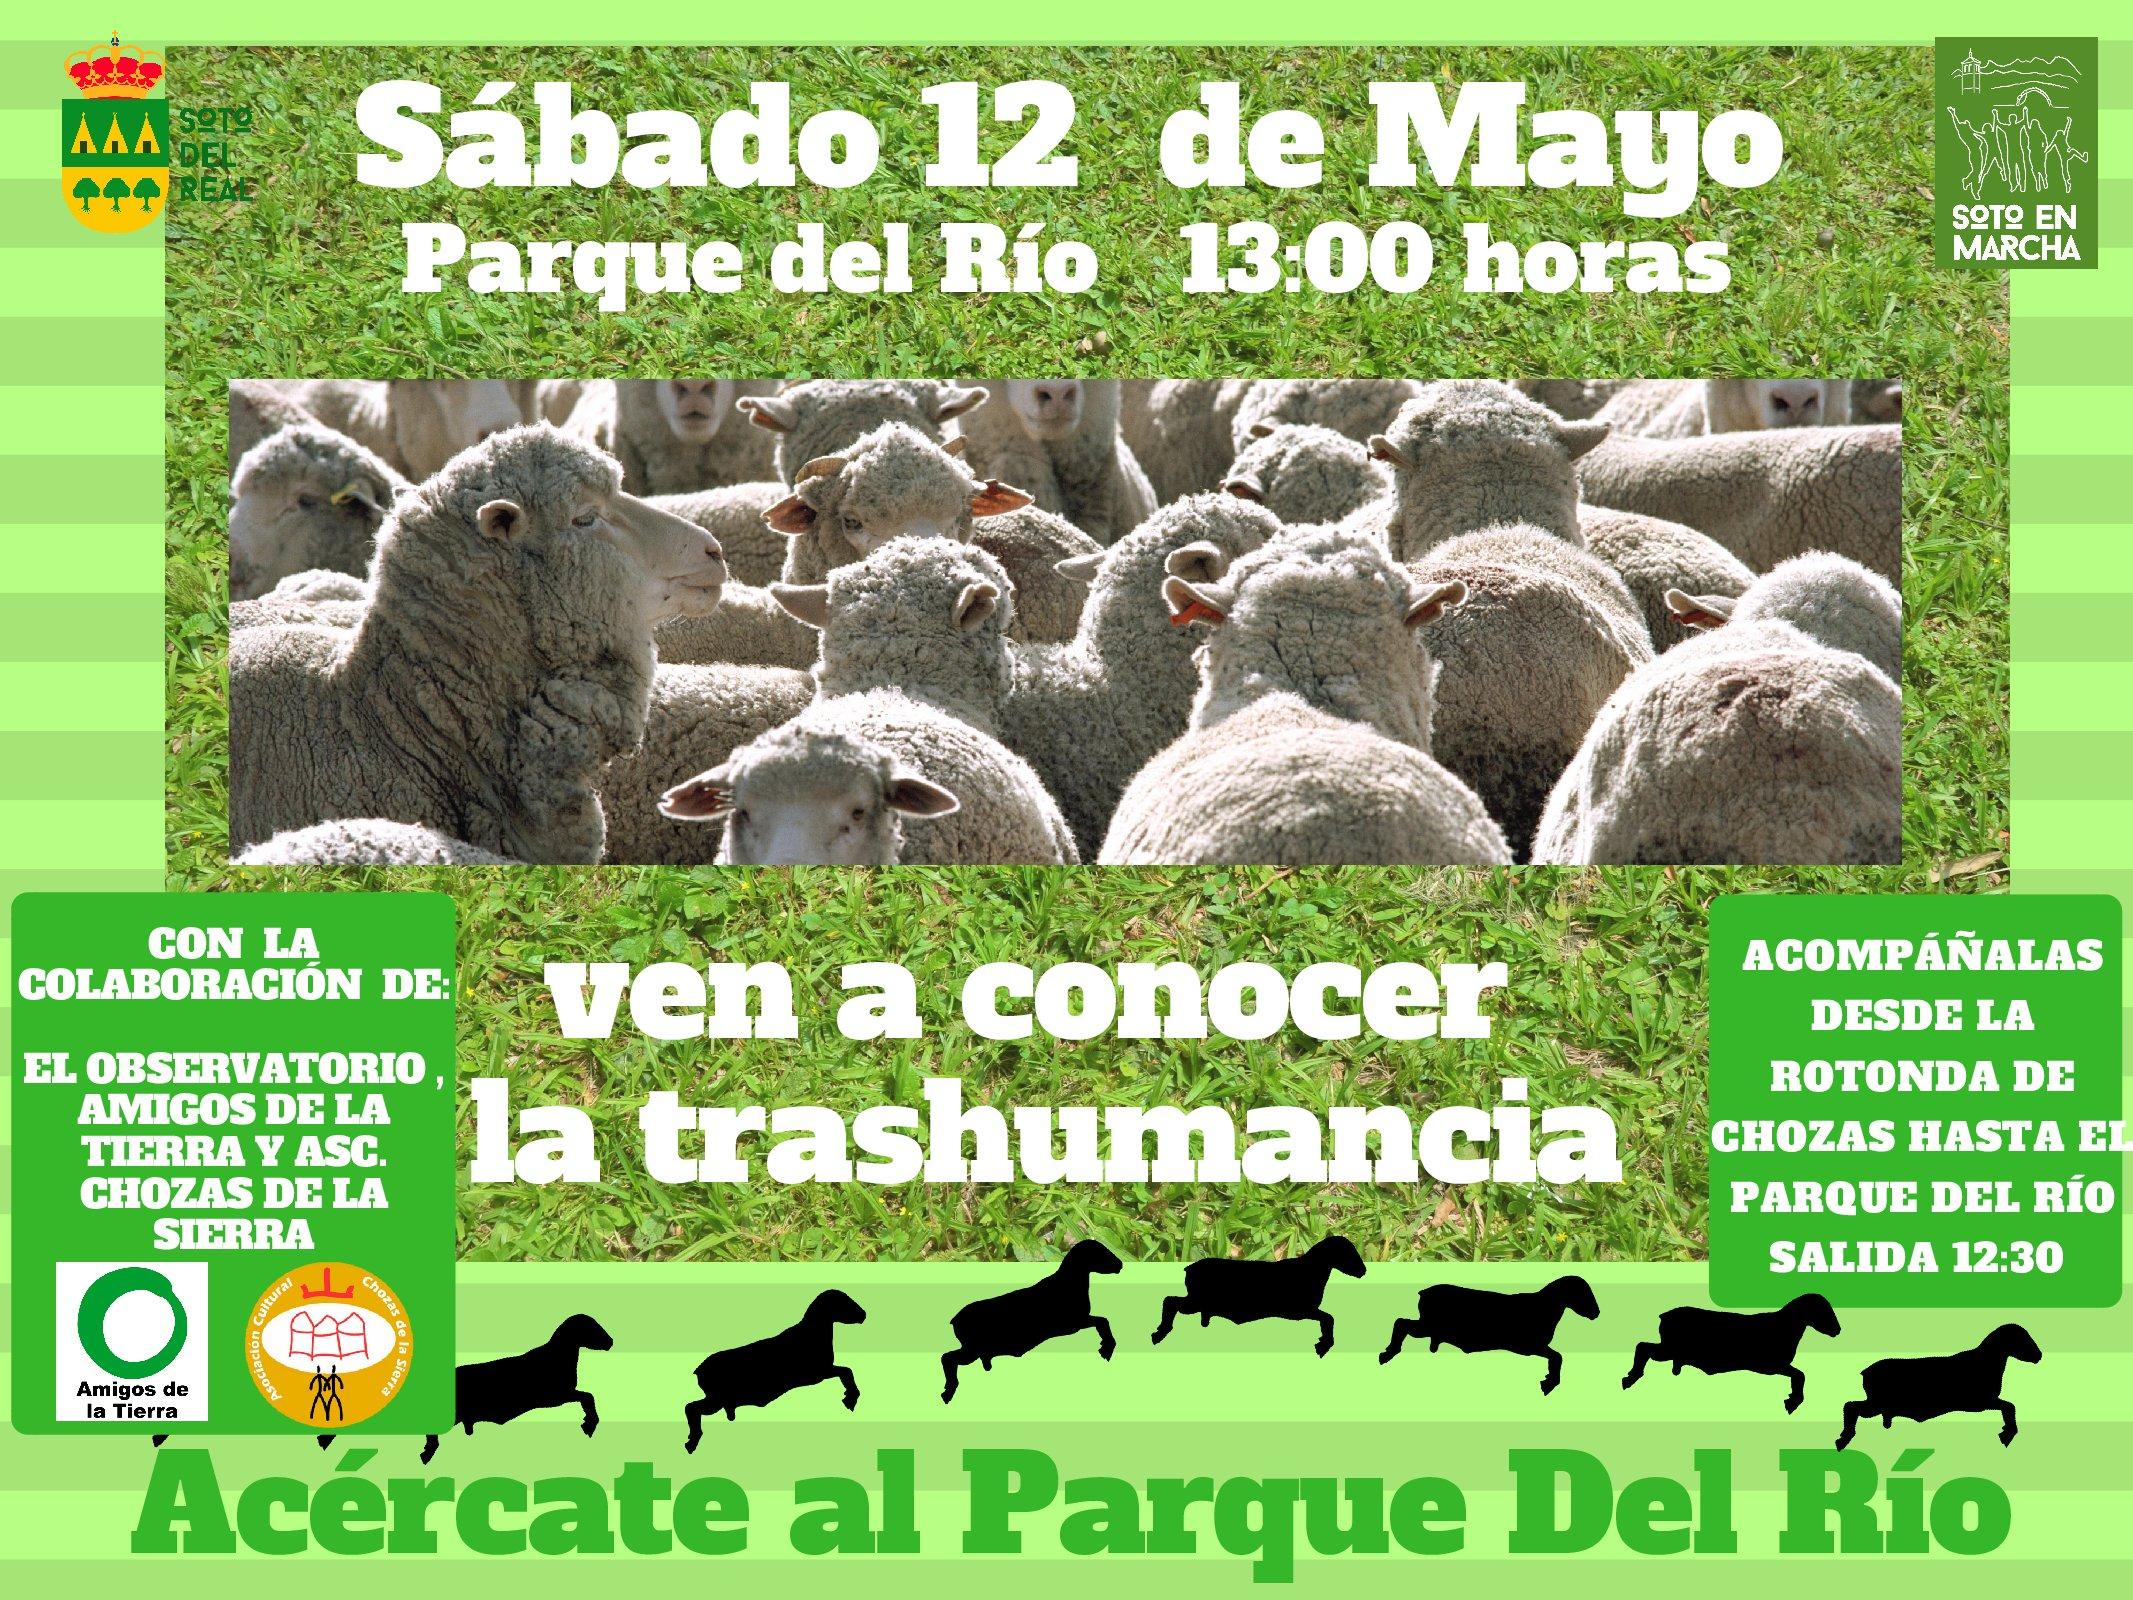 Ir a Madrid: Fiesta de la Trashumancia en Soto del Real